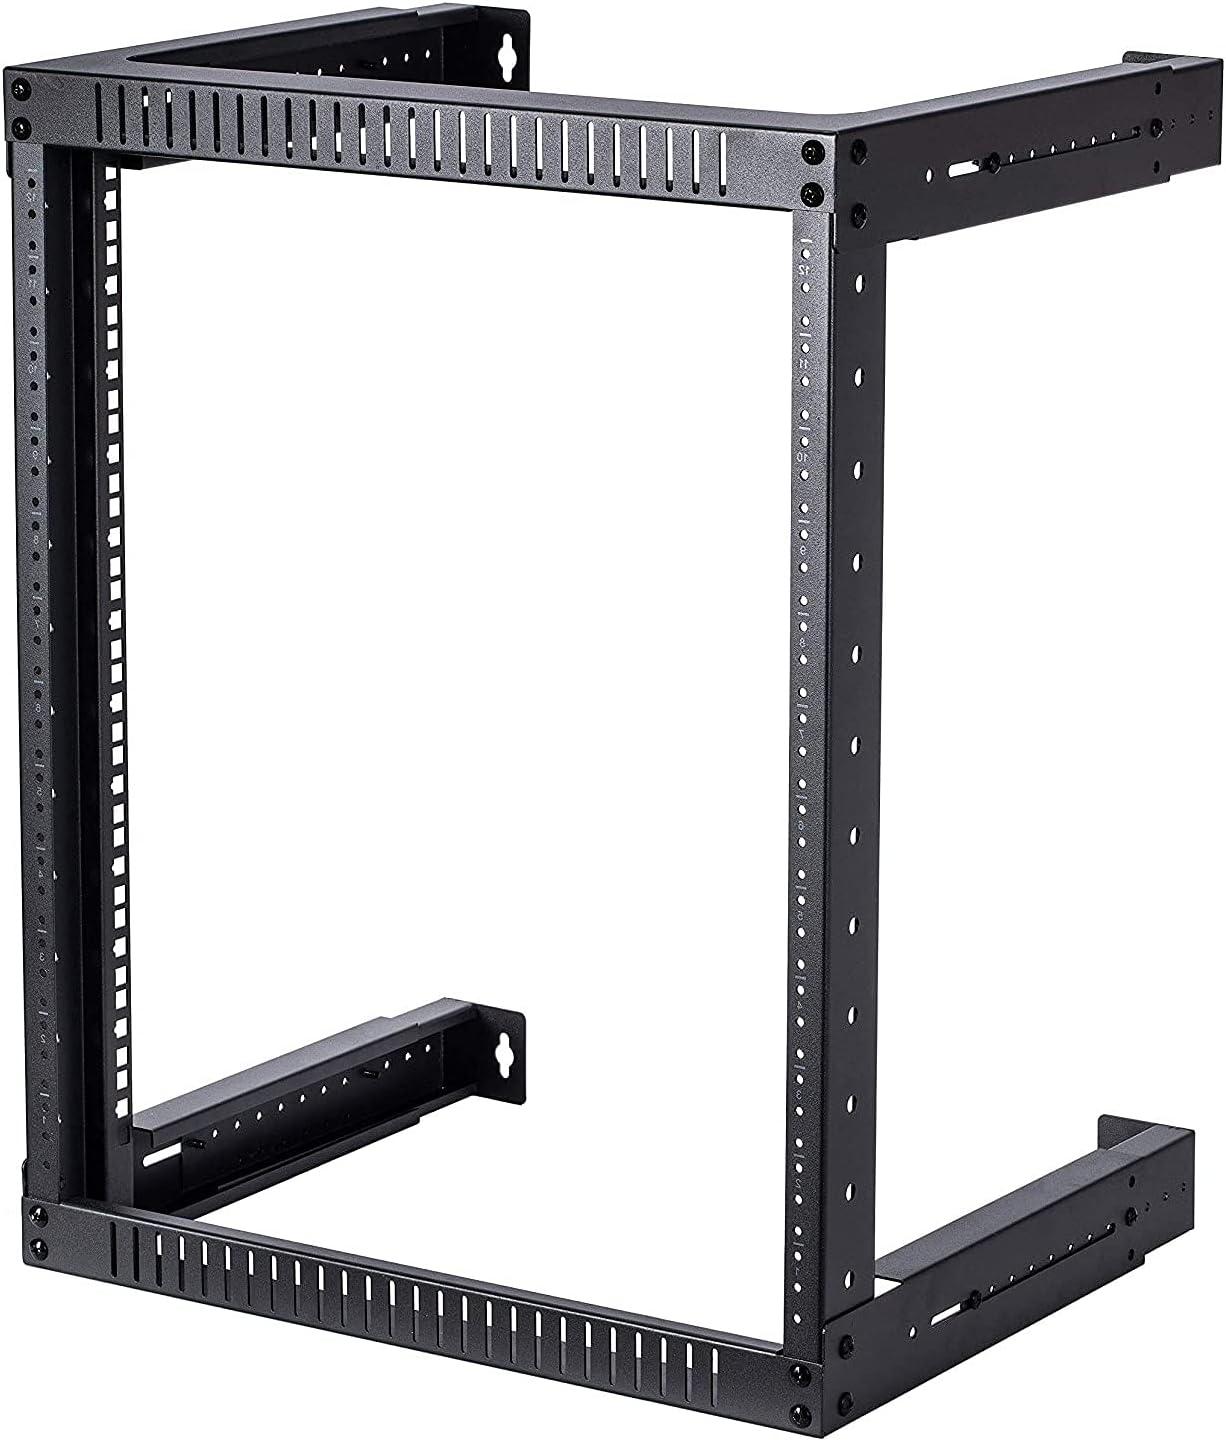 TECHTOO Wall Mount Rack 12U Adjustable Depth Open Frame 19Inch Server Equipment Rack Heavy Duty Patch Panel Bracket Network Equipment Rack (Adjustable 12U)